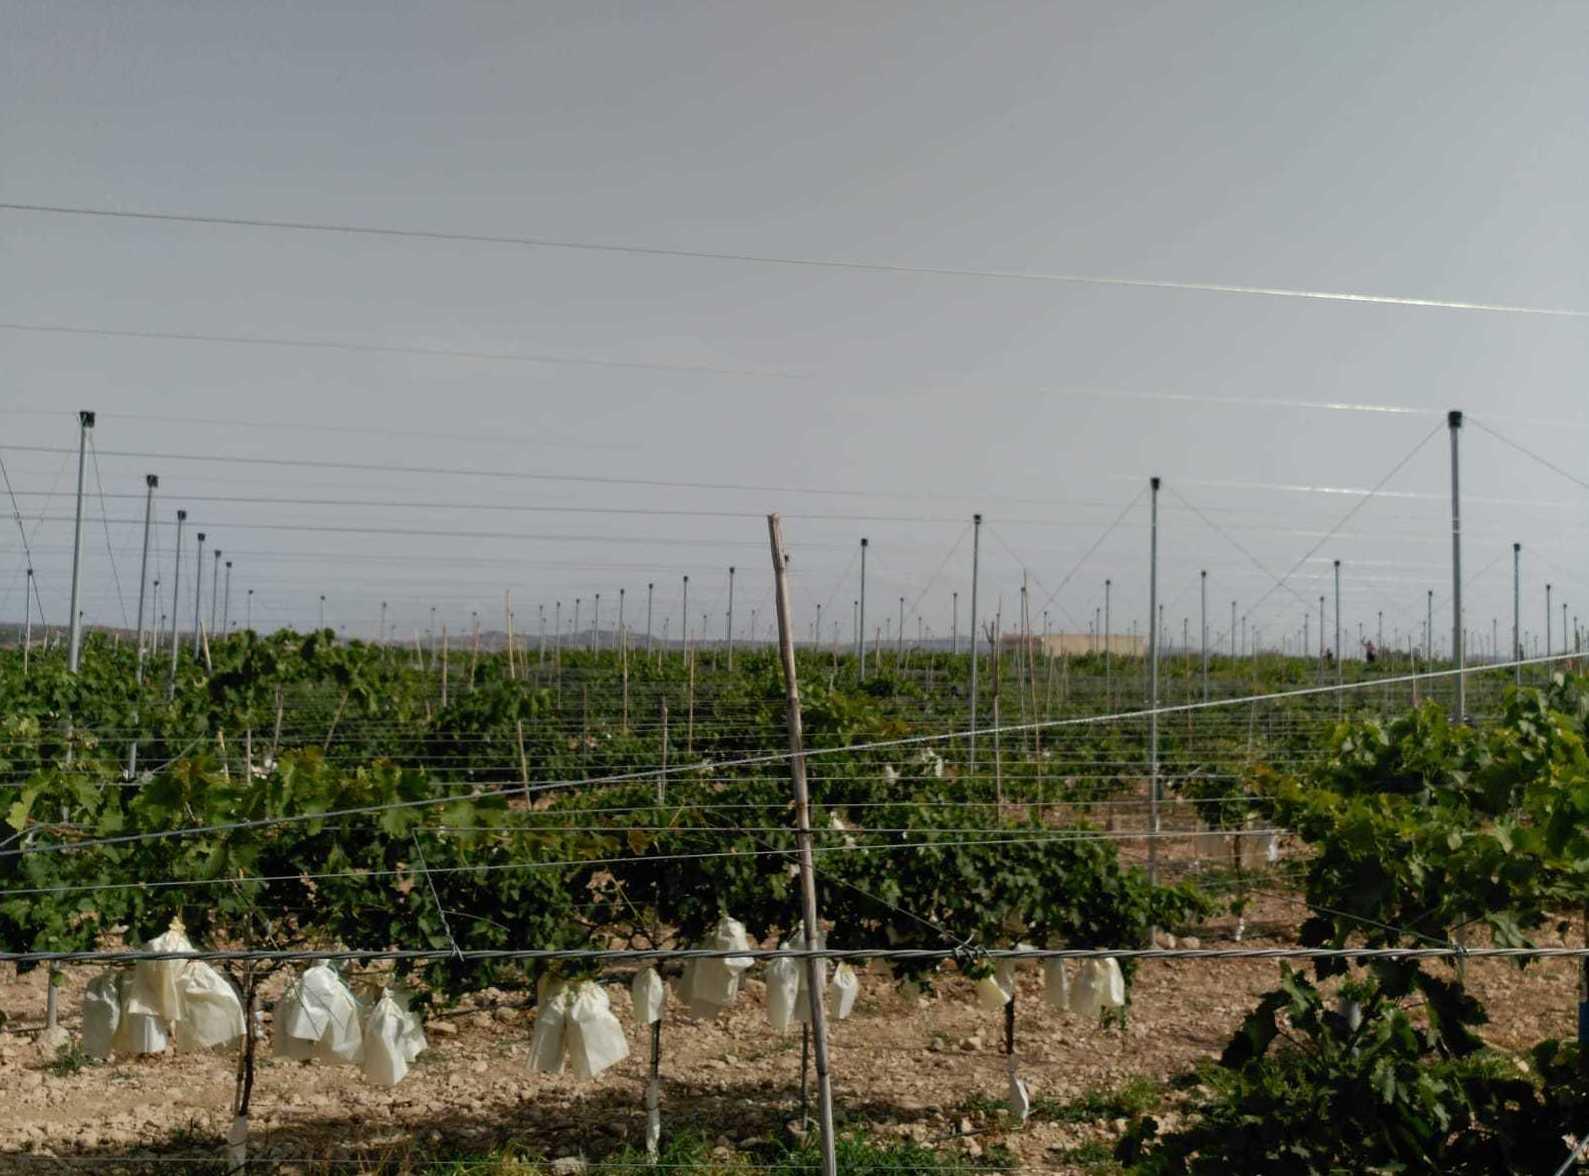 Foto 34 de Infraestructuras y trabajos agrícolas en La Murada – Orihuela | Mantenimiento y Estructuras Agrícolas Mateo e Hijo, S.L.